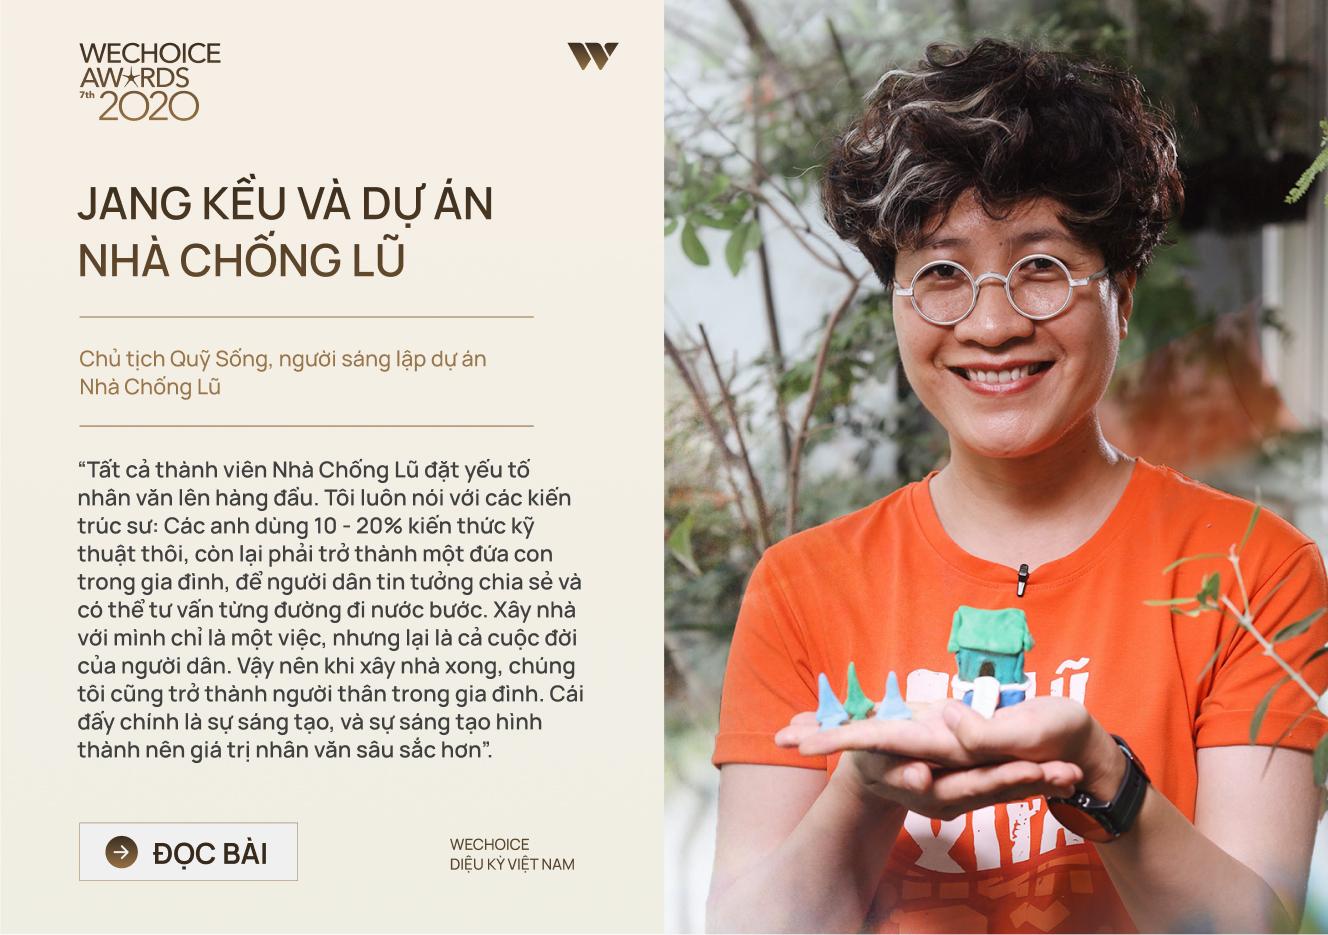 20 đề cử nhân vật truyền cảm hứng của WeChoice Awards 2020: Những câu chuyện tạo nên Diệu kỳ Việt Nam - Ảnh 13.